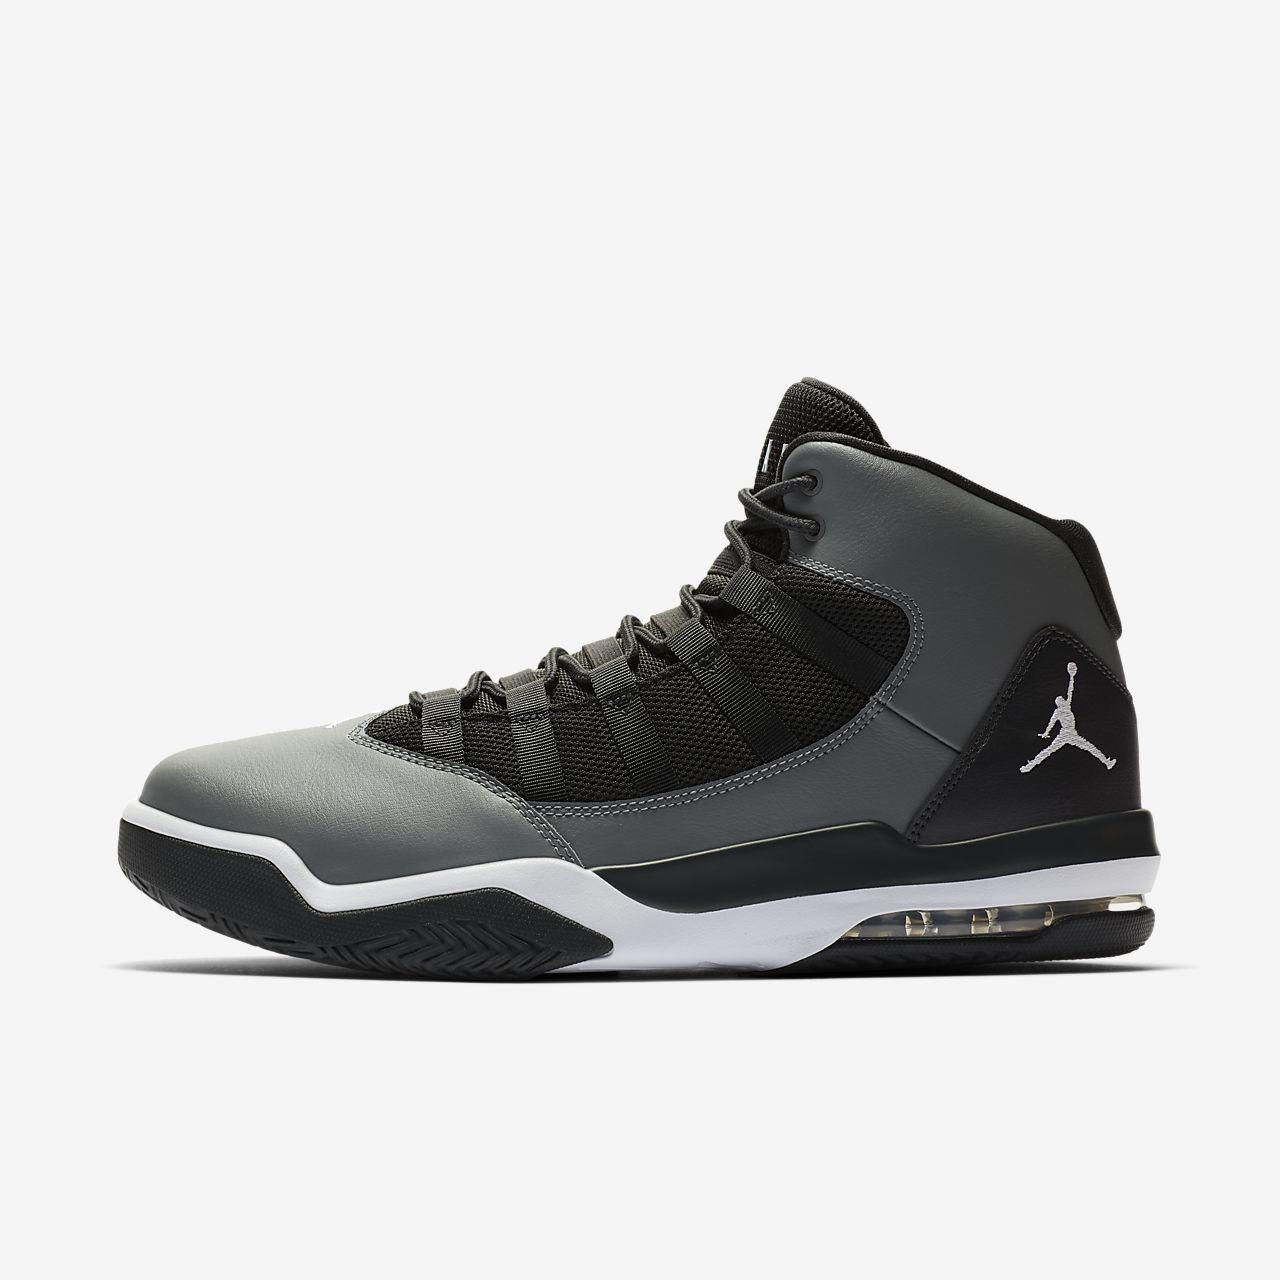 Ανδρικό παπούτσι Jordan Max Aura